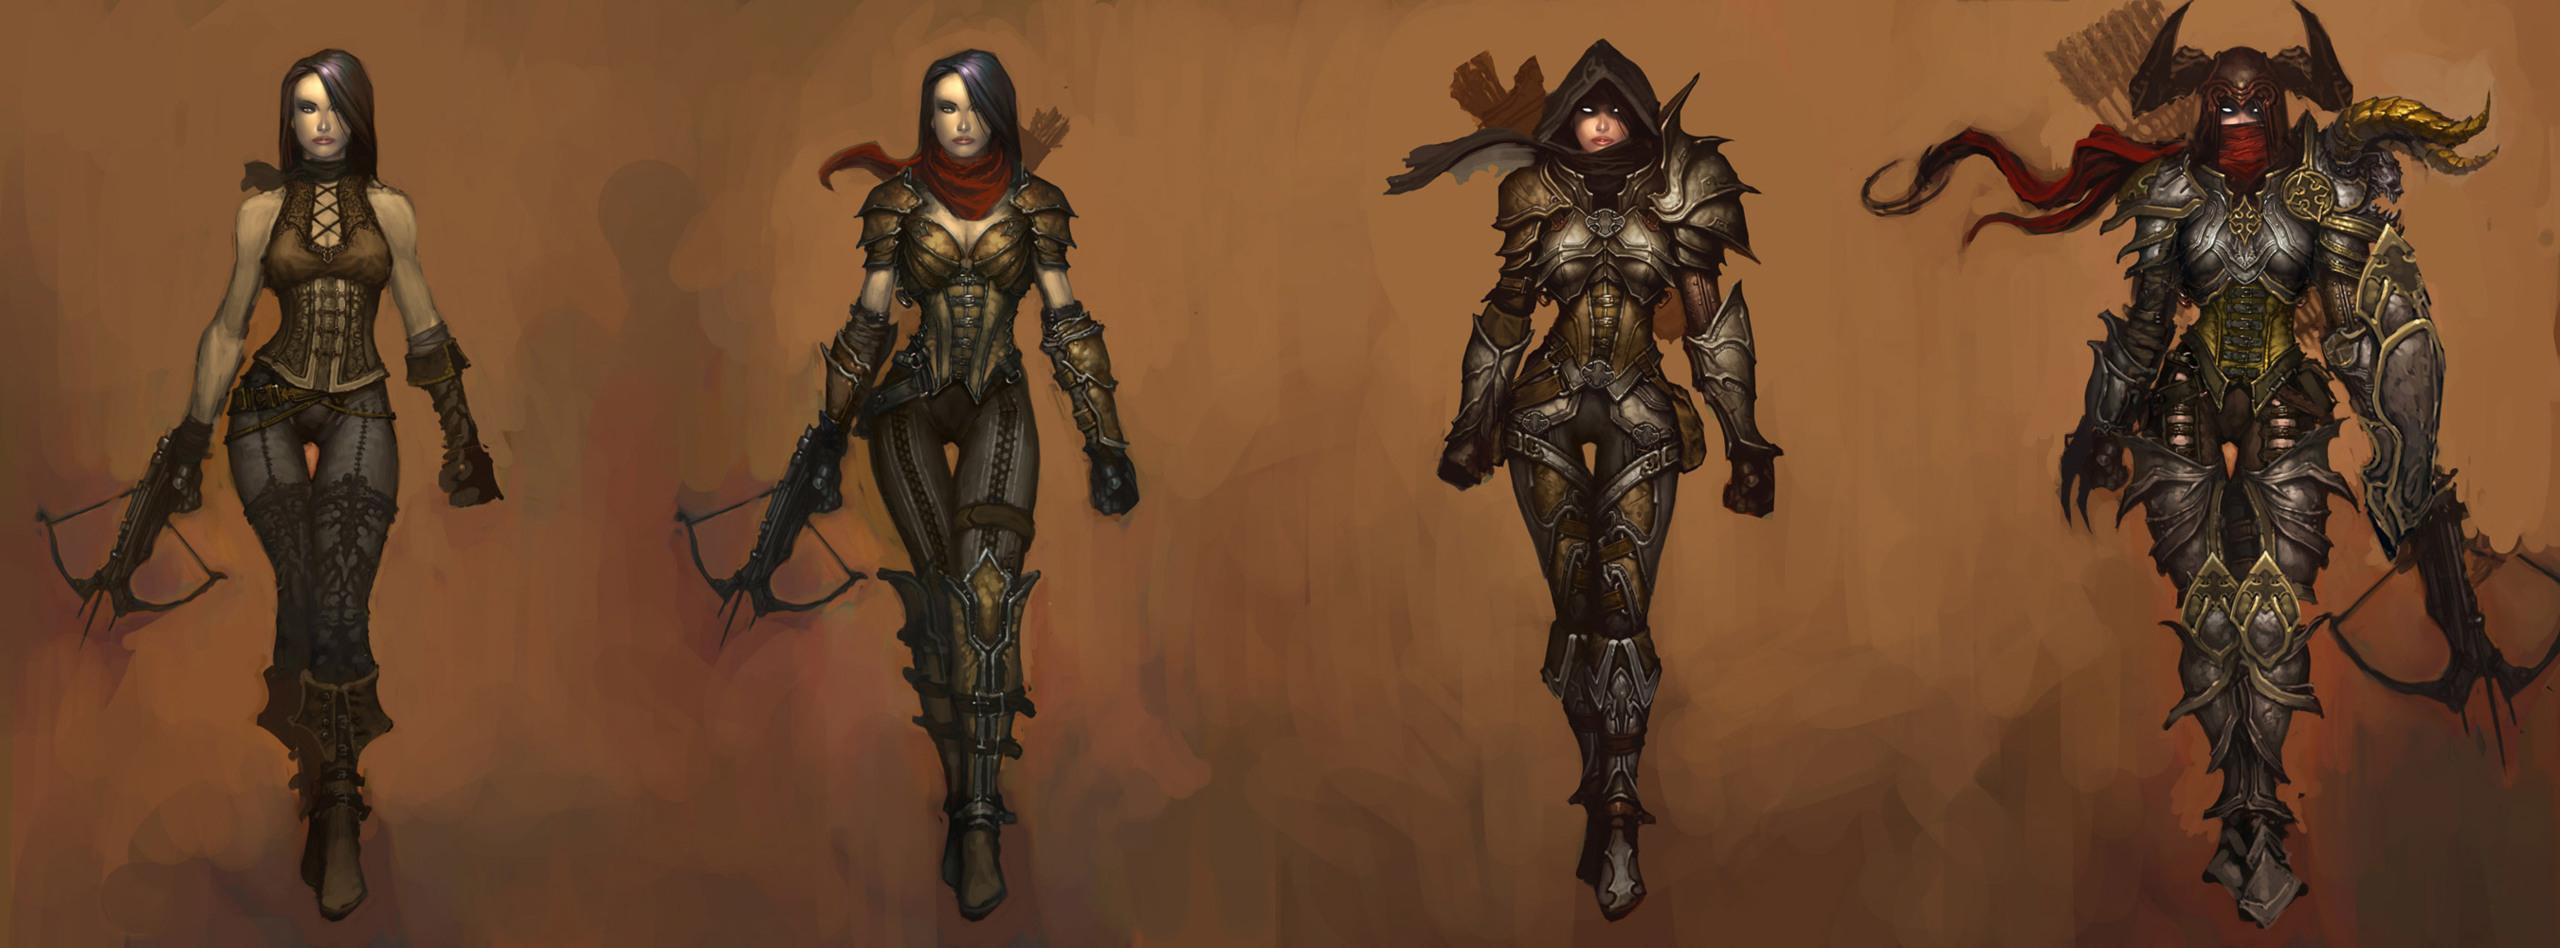 Foto de Diablo III - Octubre 2010 (2/11)